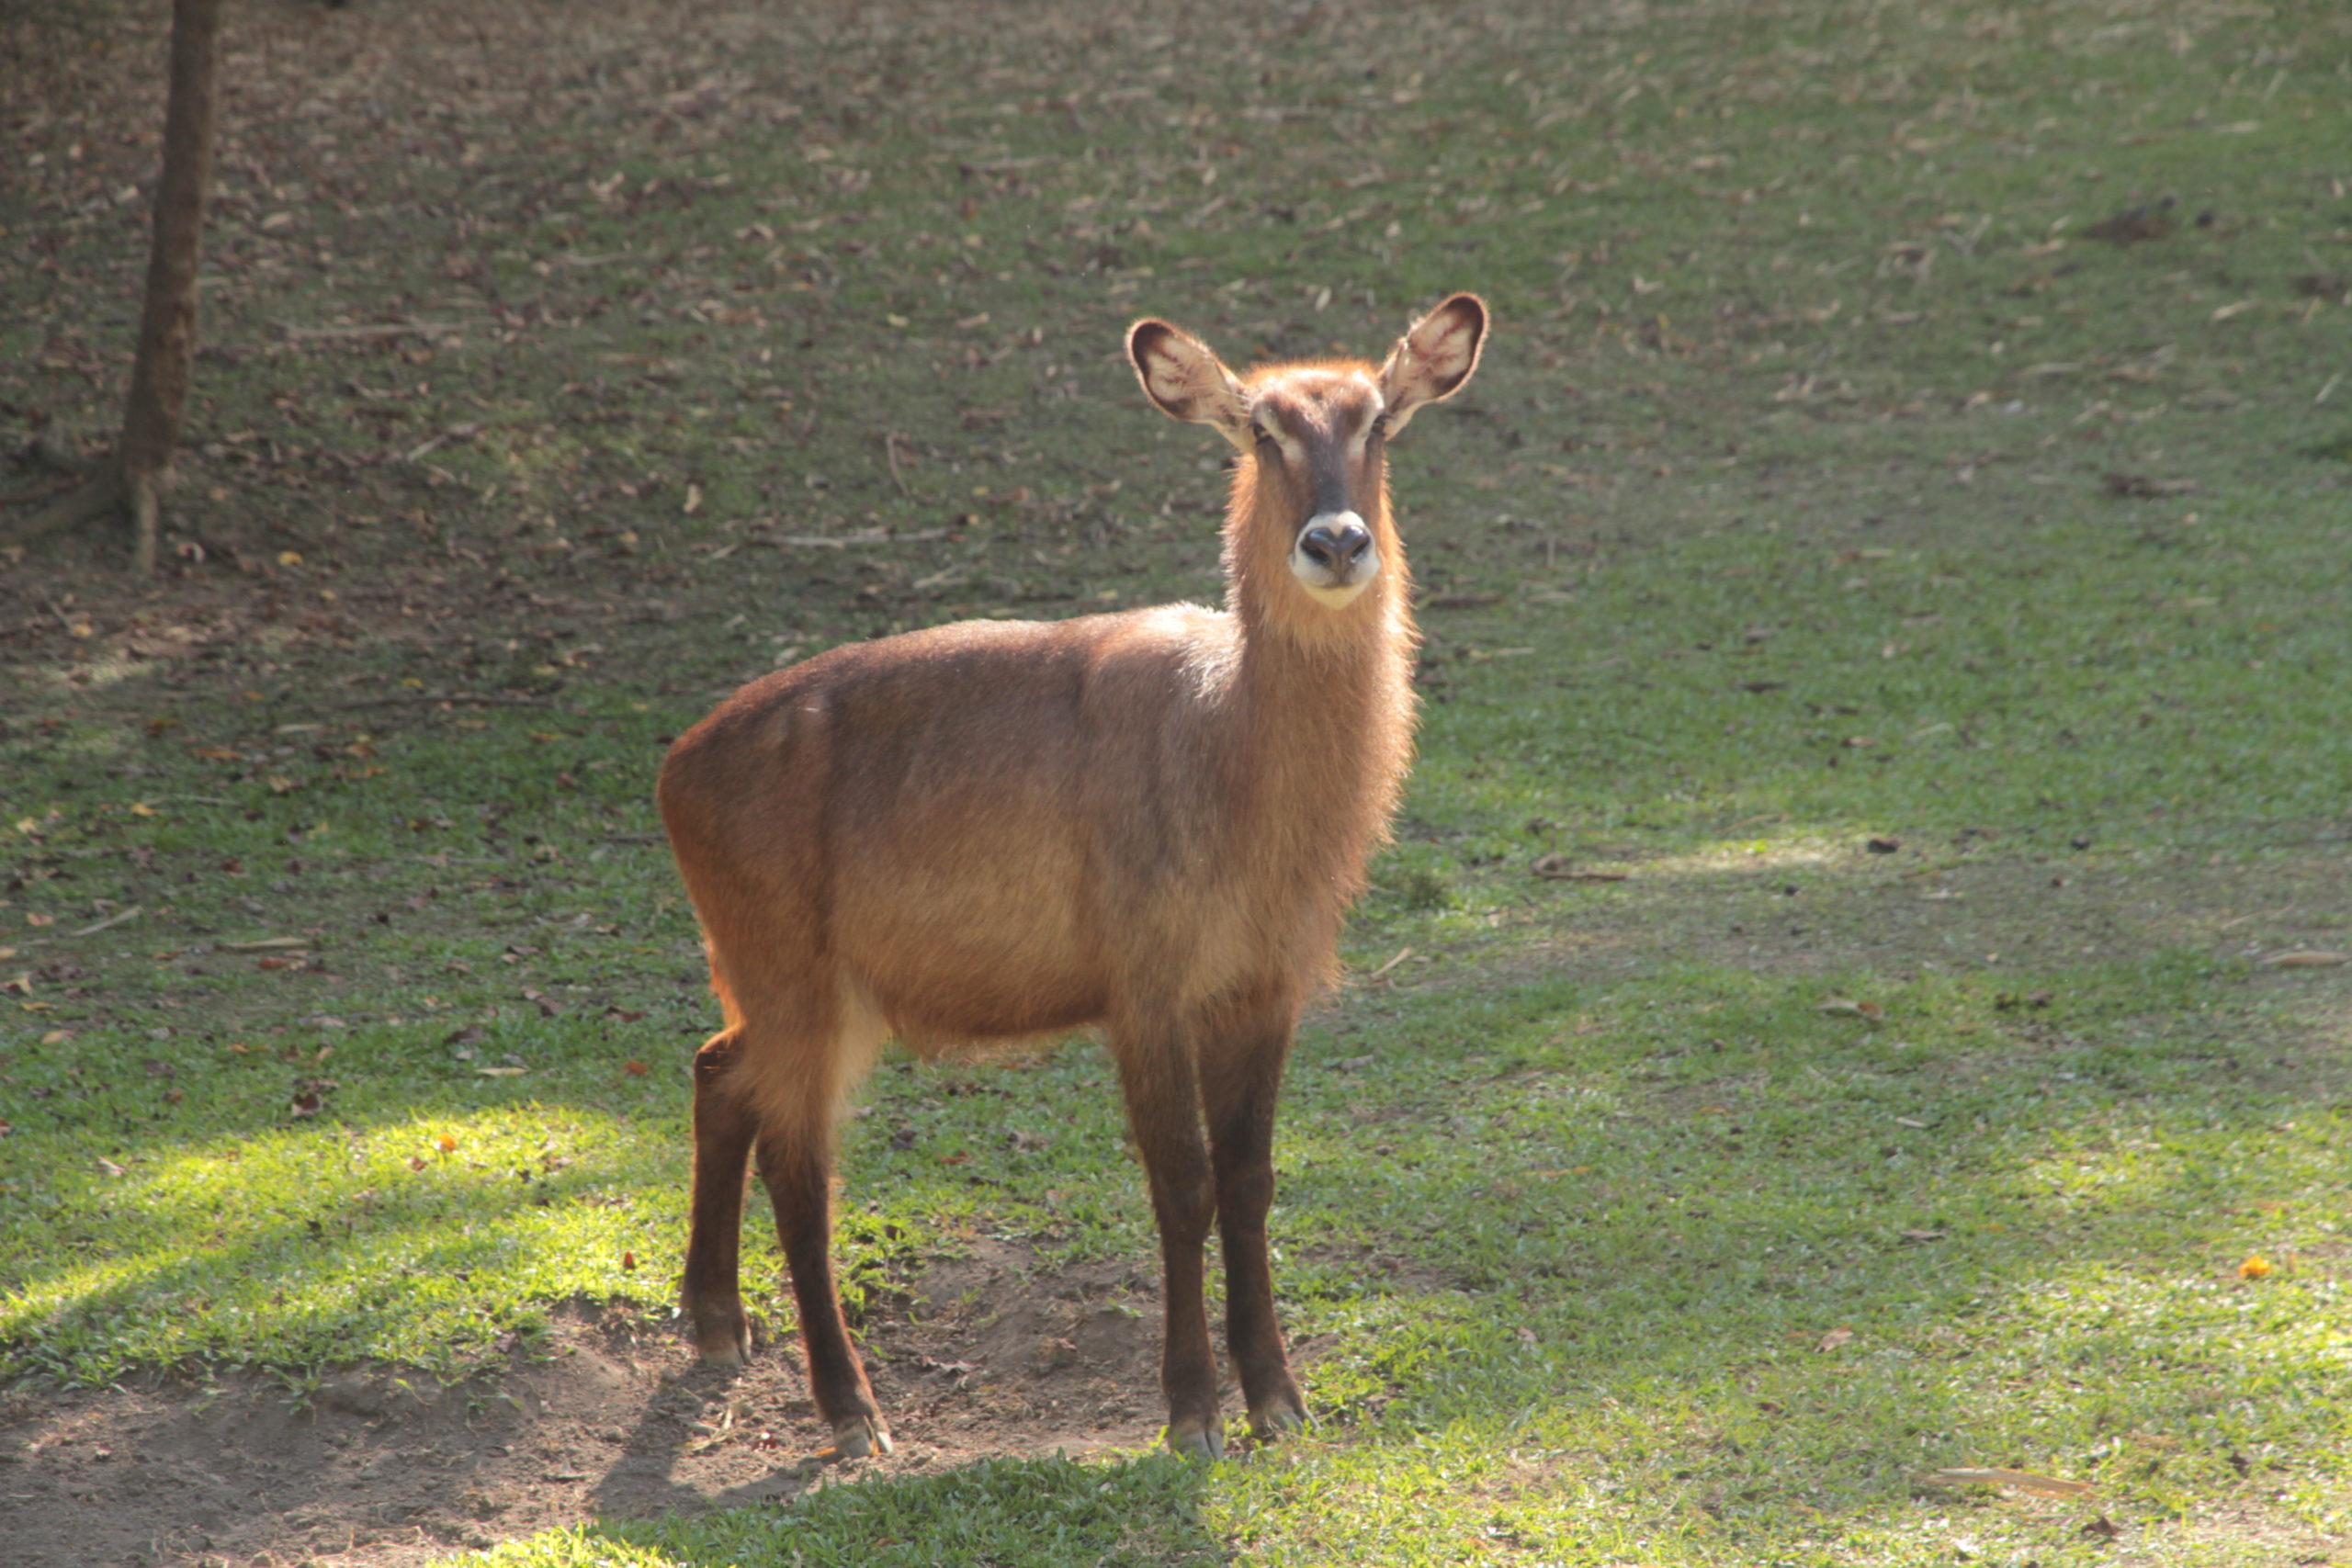 waterbuck in bali safari